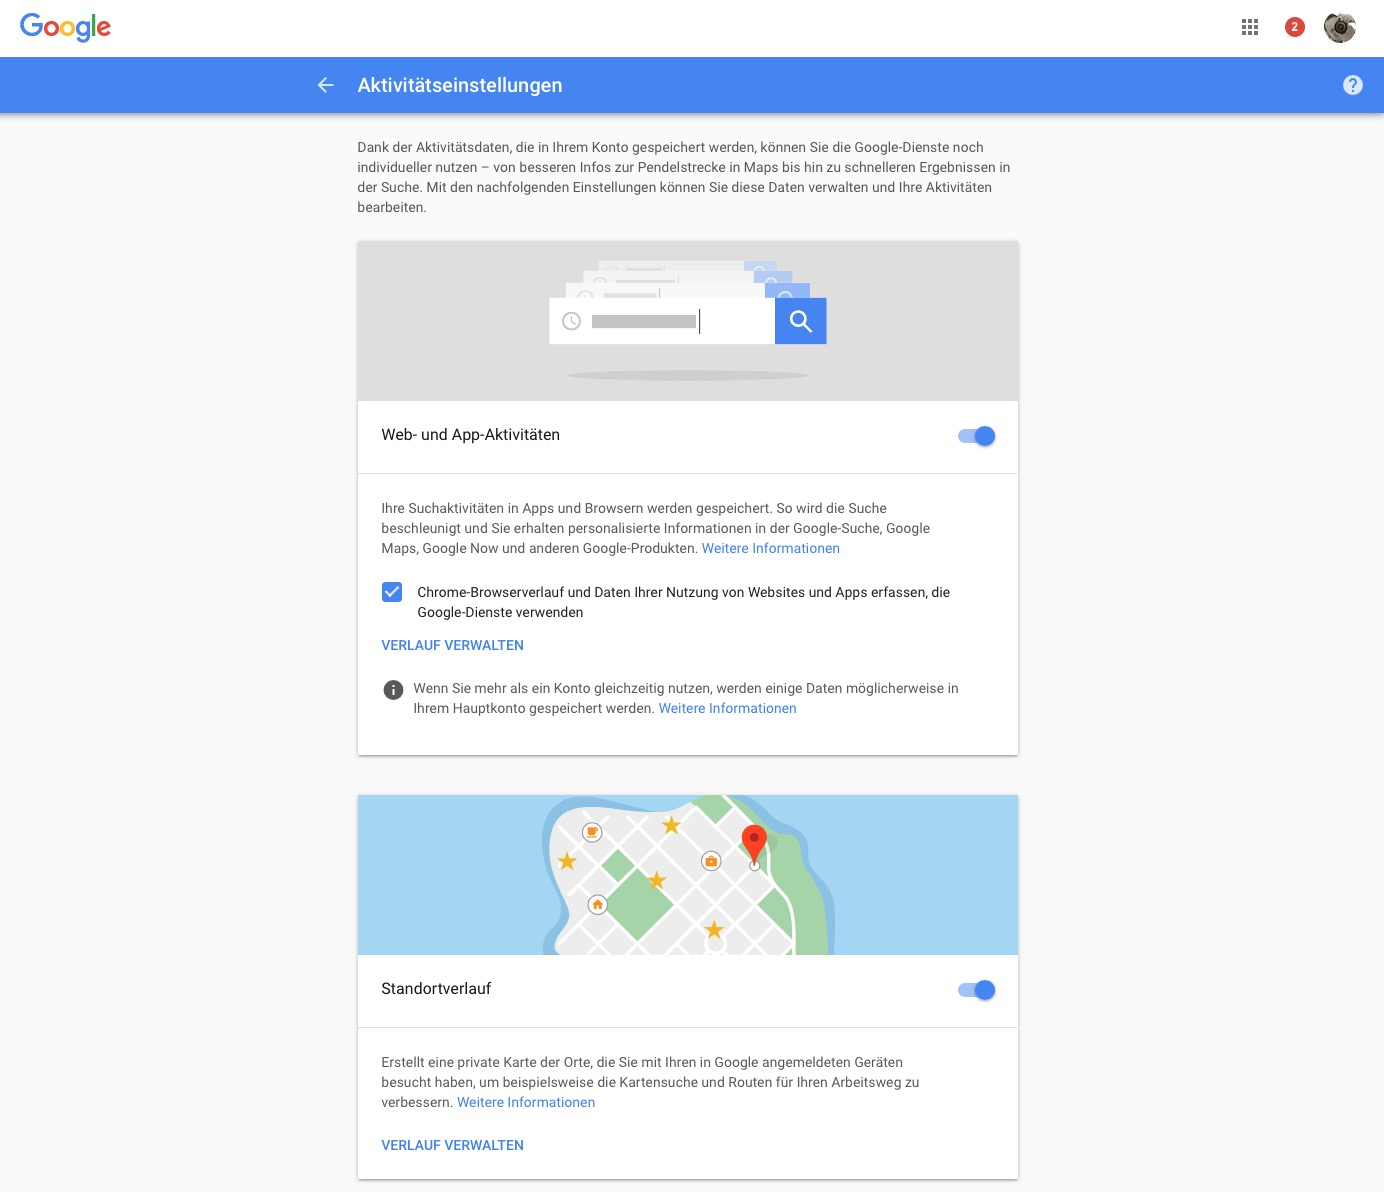 Kleine Schalter, große Wirkung: Google spioniert deutlich weniger.